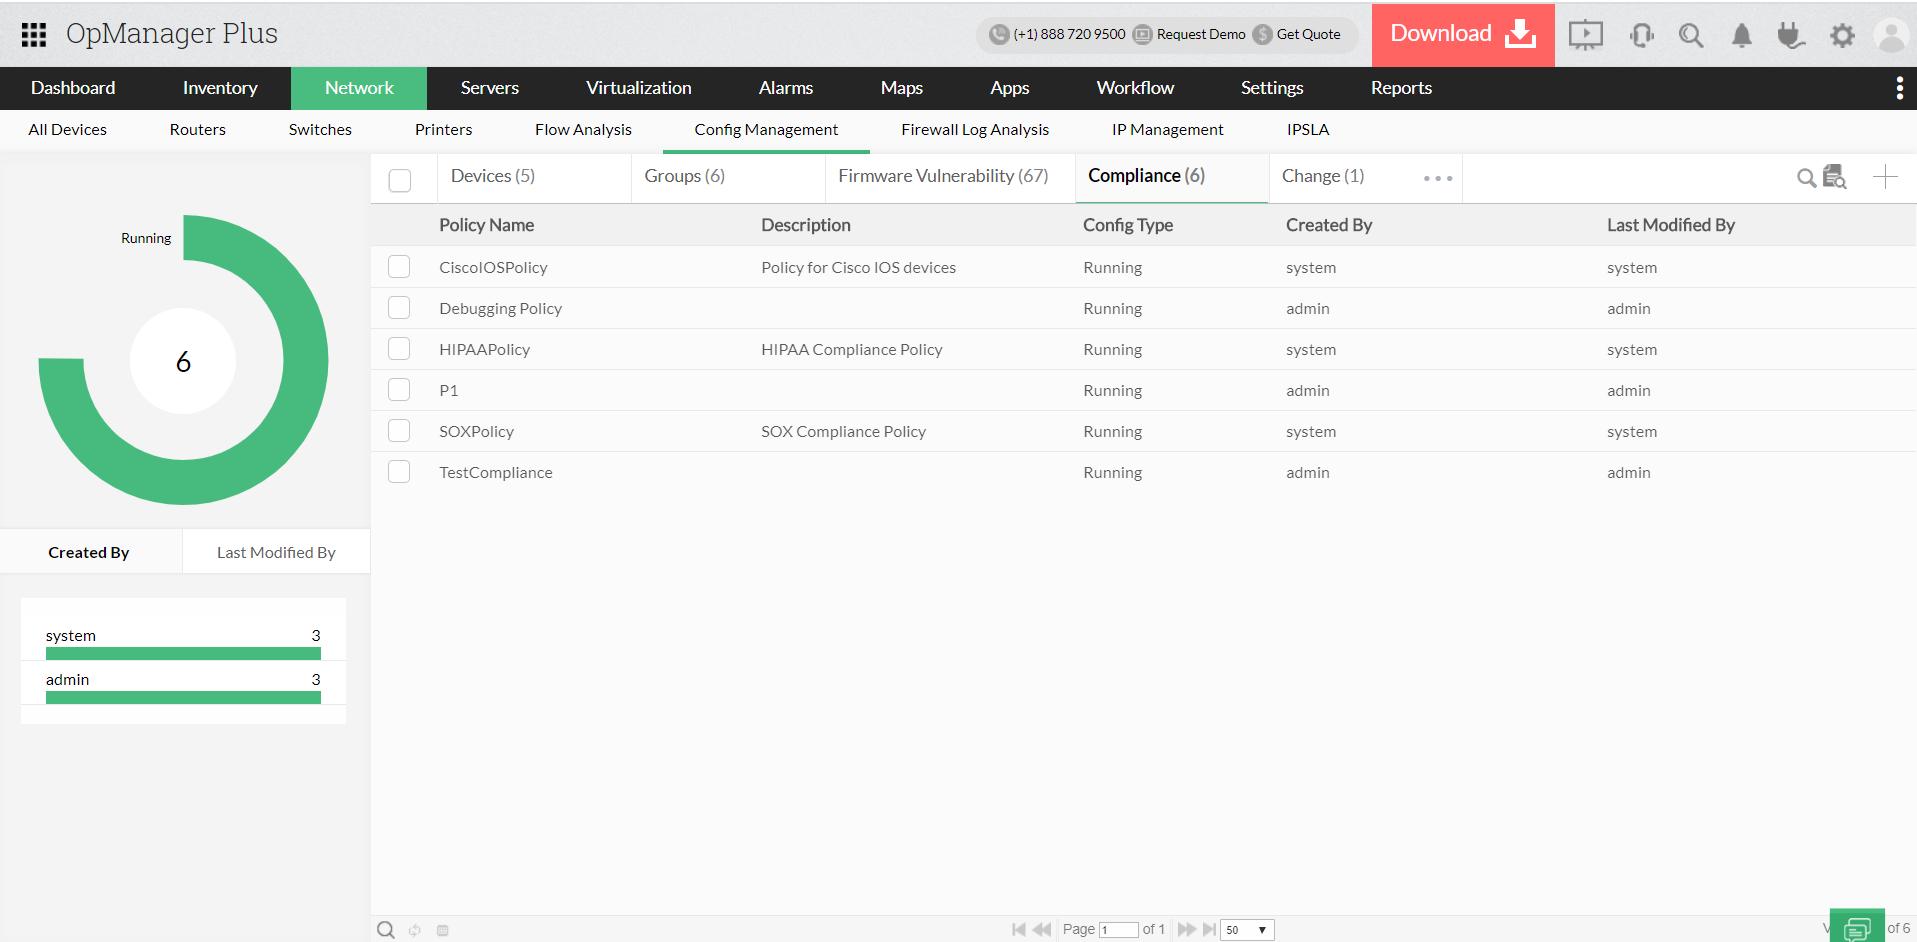 Monitorowanie zgodności - ManageEngine OpManager Plus